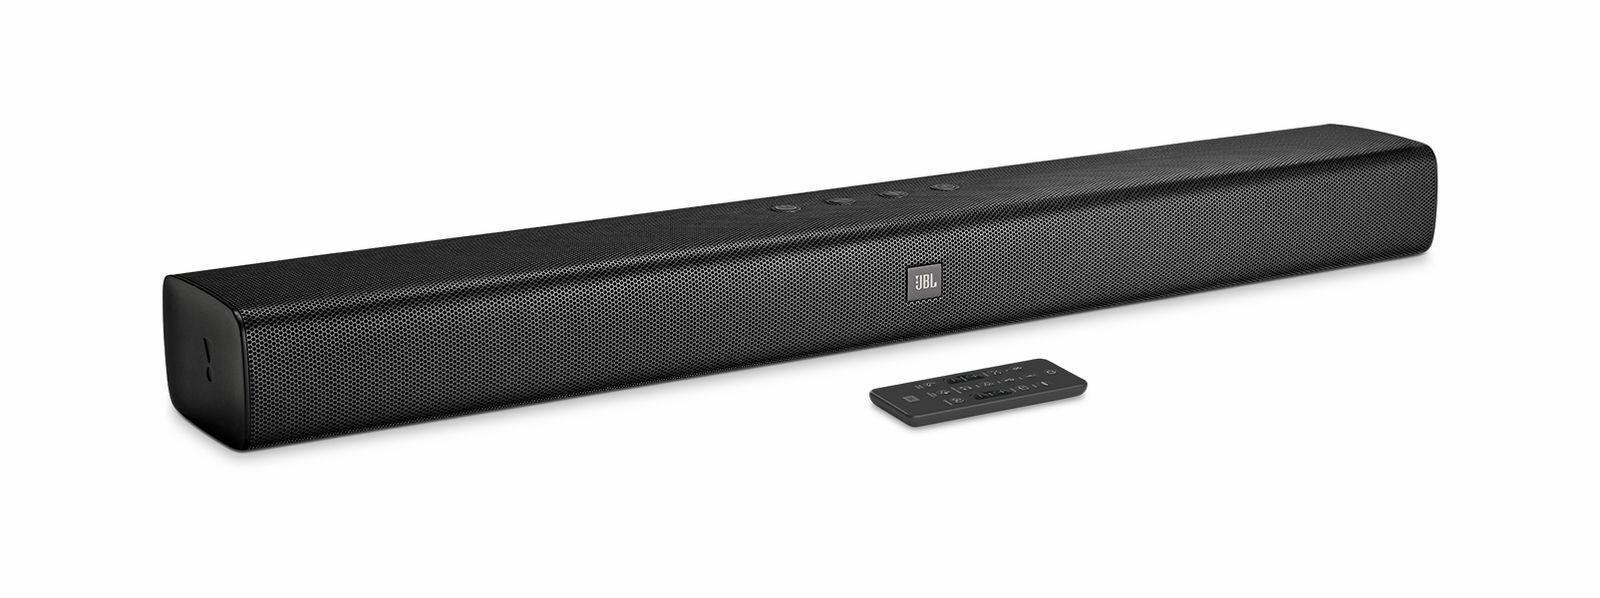 JBL Bar Studio 2.0-Channel Soundbar with Bluetooth